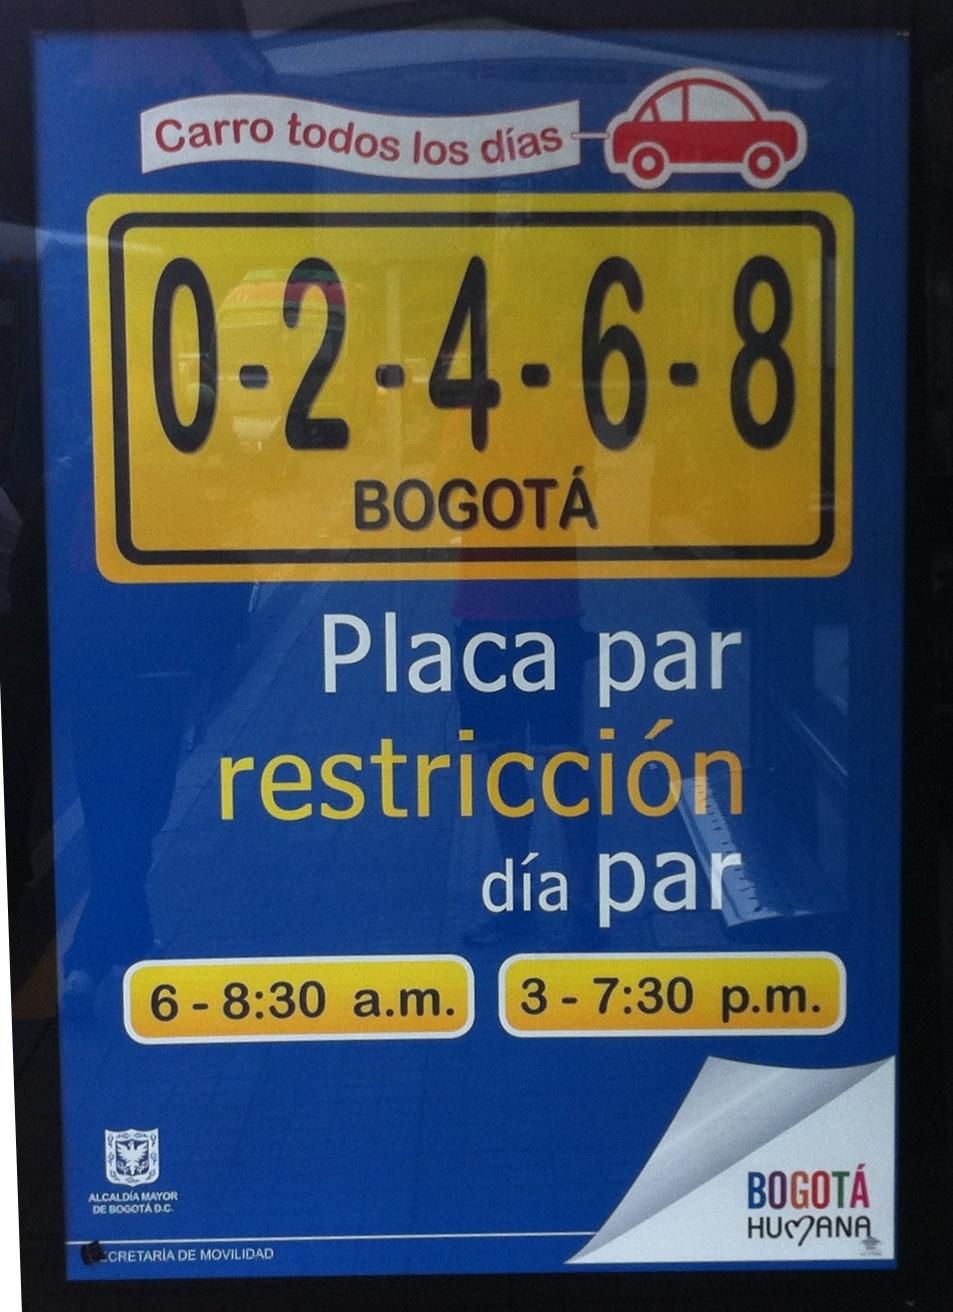 Carro todos los Días, Bogotá Humana